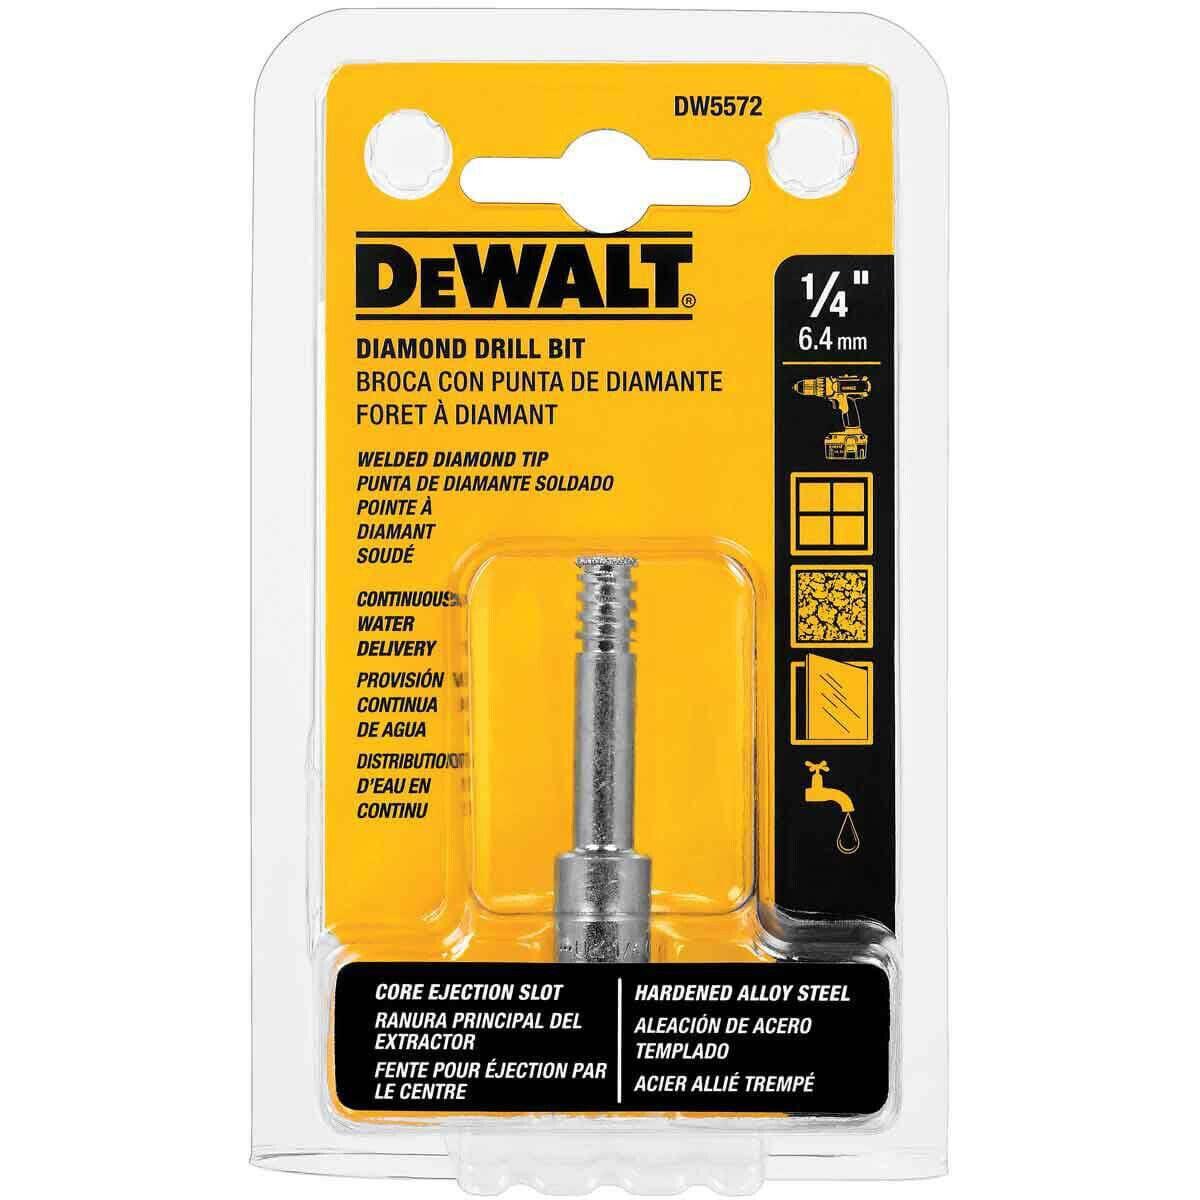 Dewalt DW5572 Diamond Drill Bit